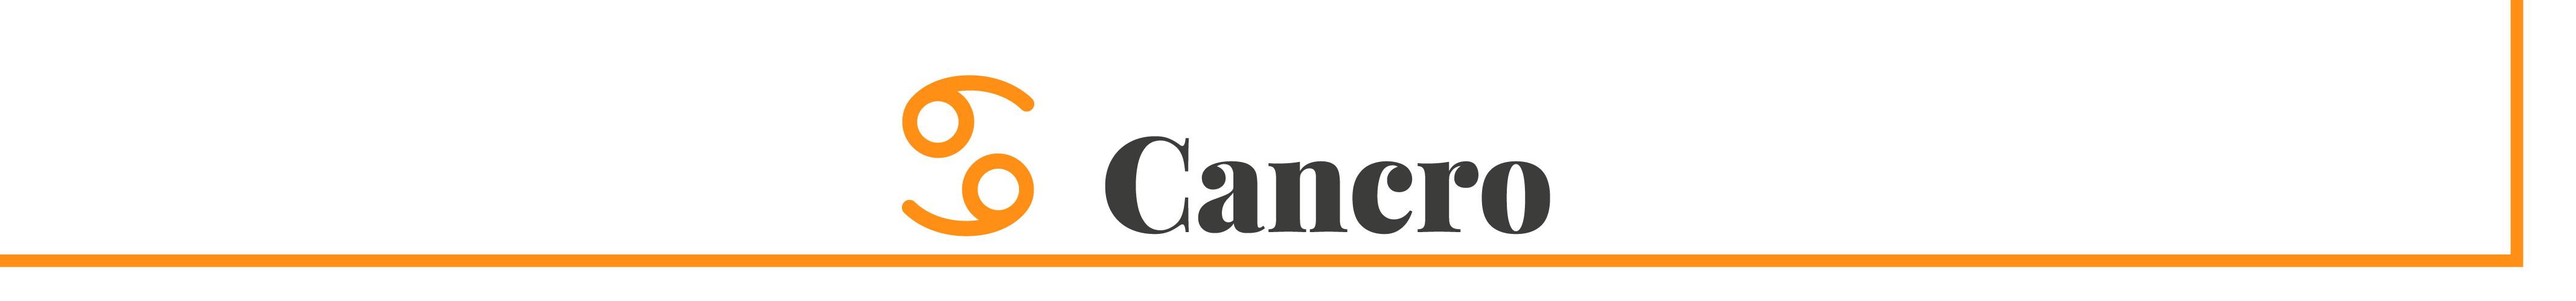 cancro oroscopo giugno mama